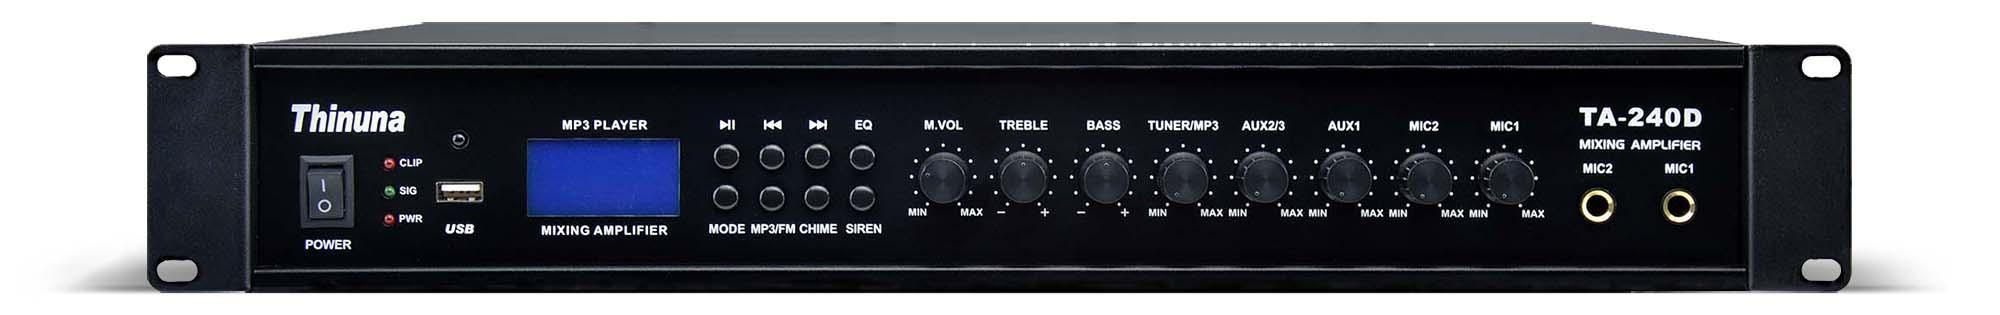 TA-80D/120D/180D/240D Mixing Amplifier